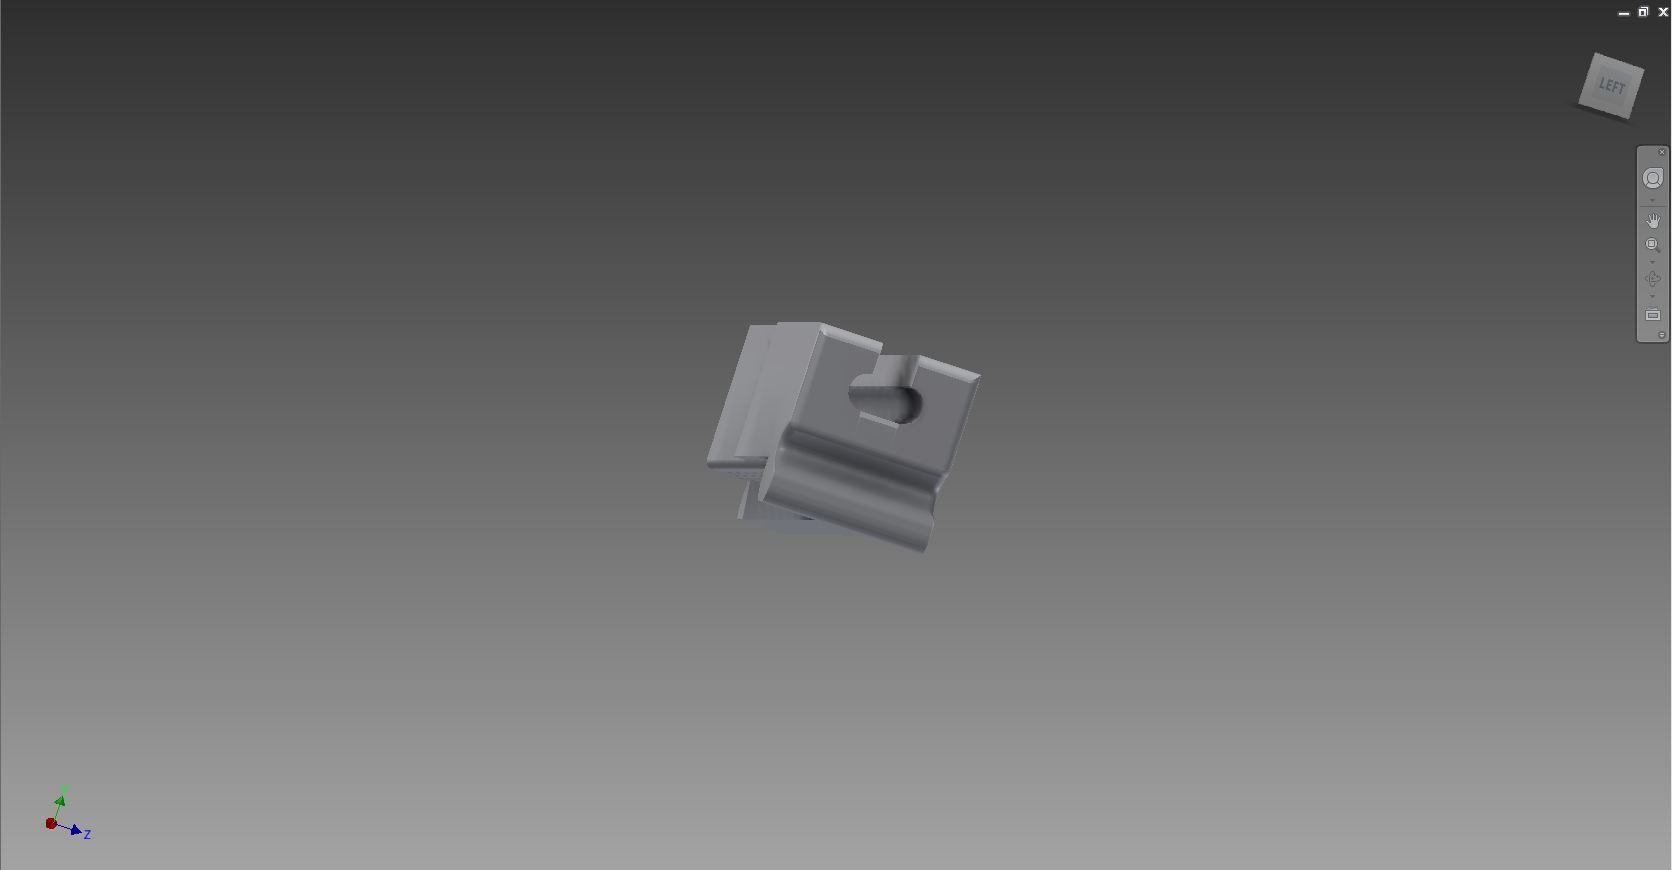 zipper-view-3.jpg